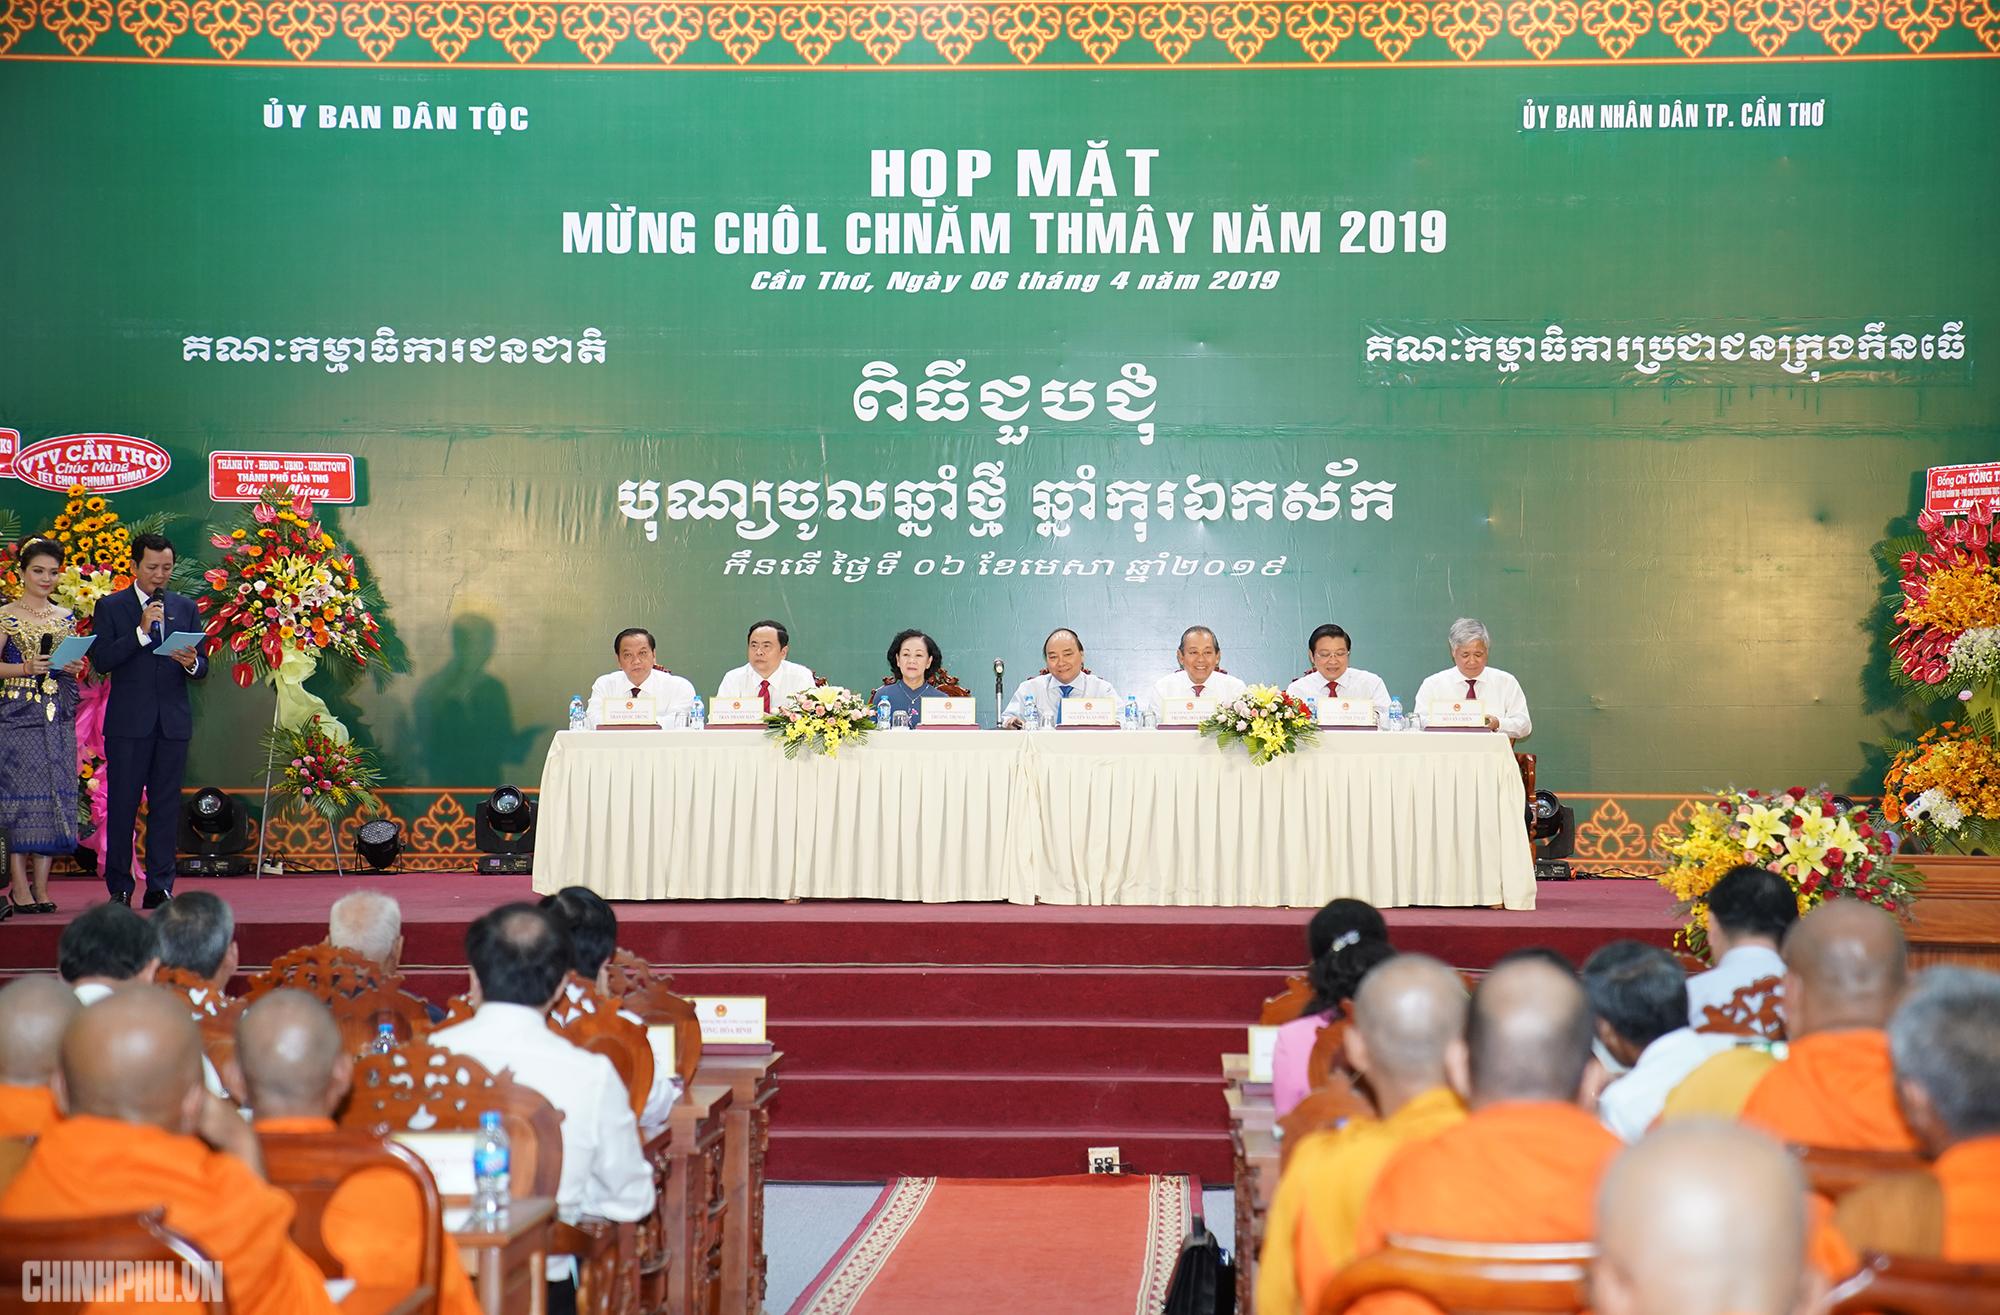 de moi ho dan nguoi khmer duoc huong tron ven tet chol chnam thmay